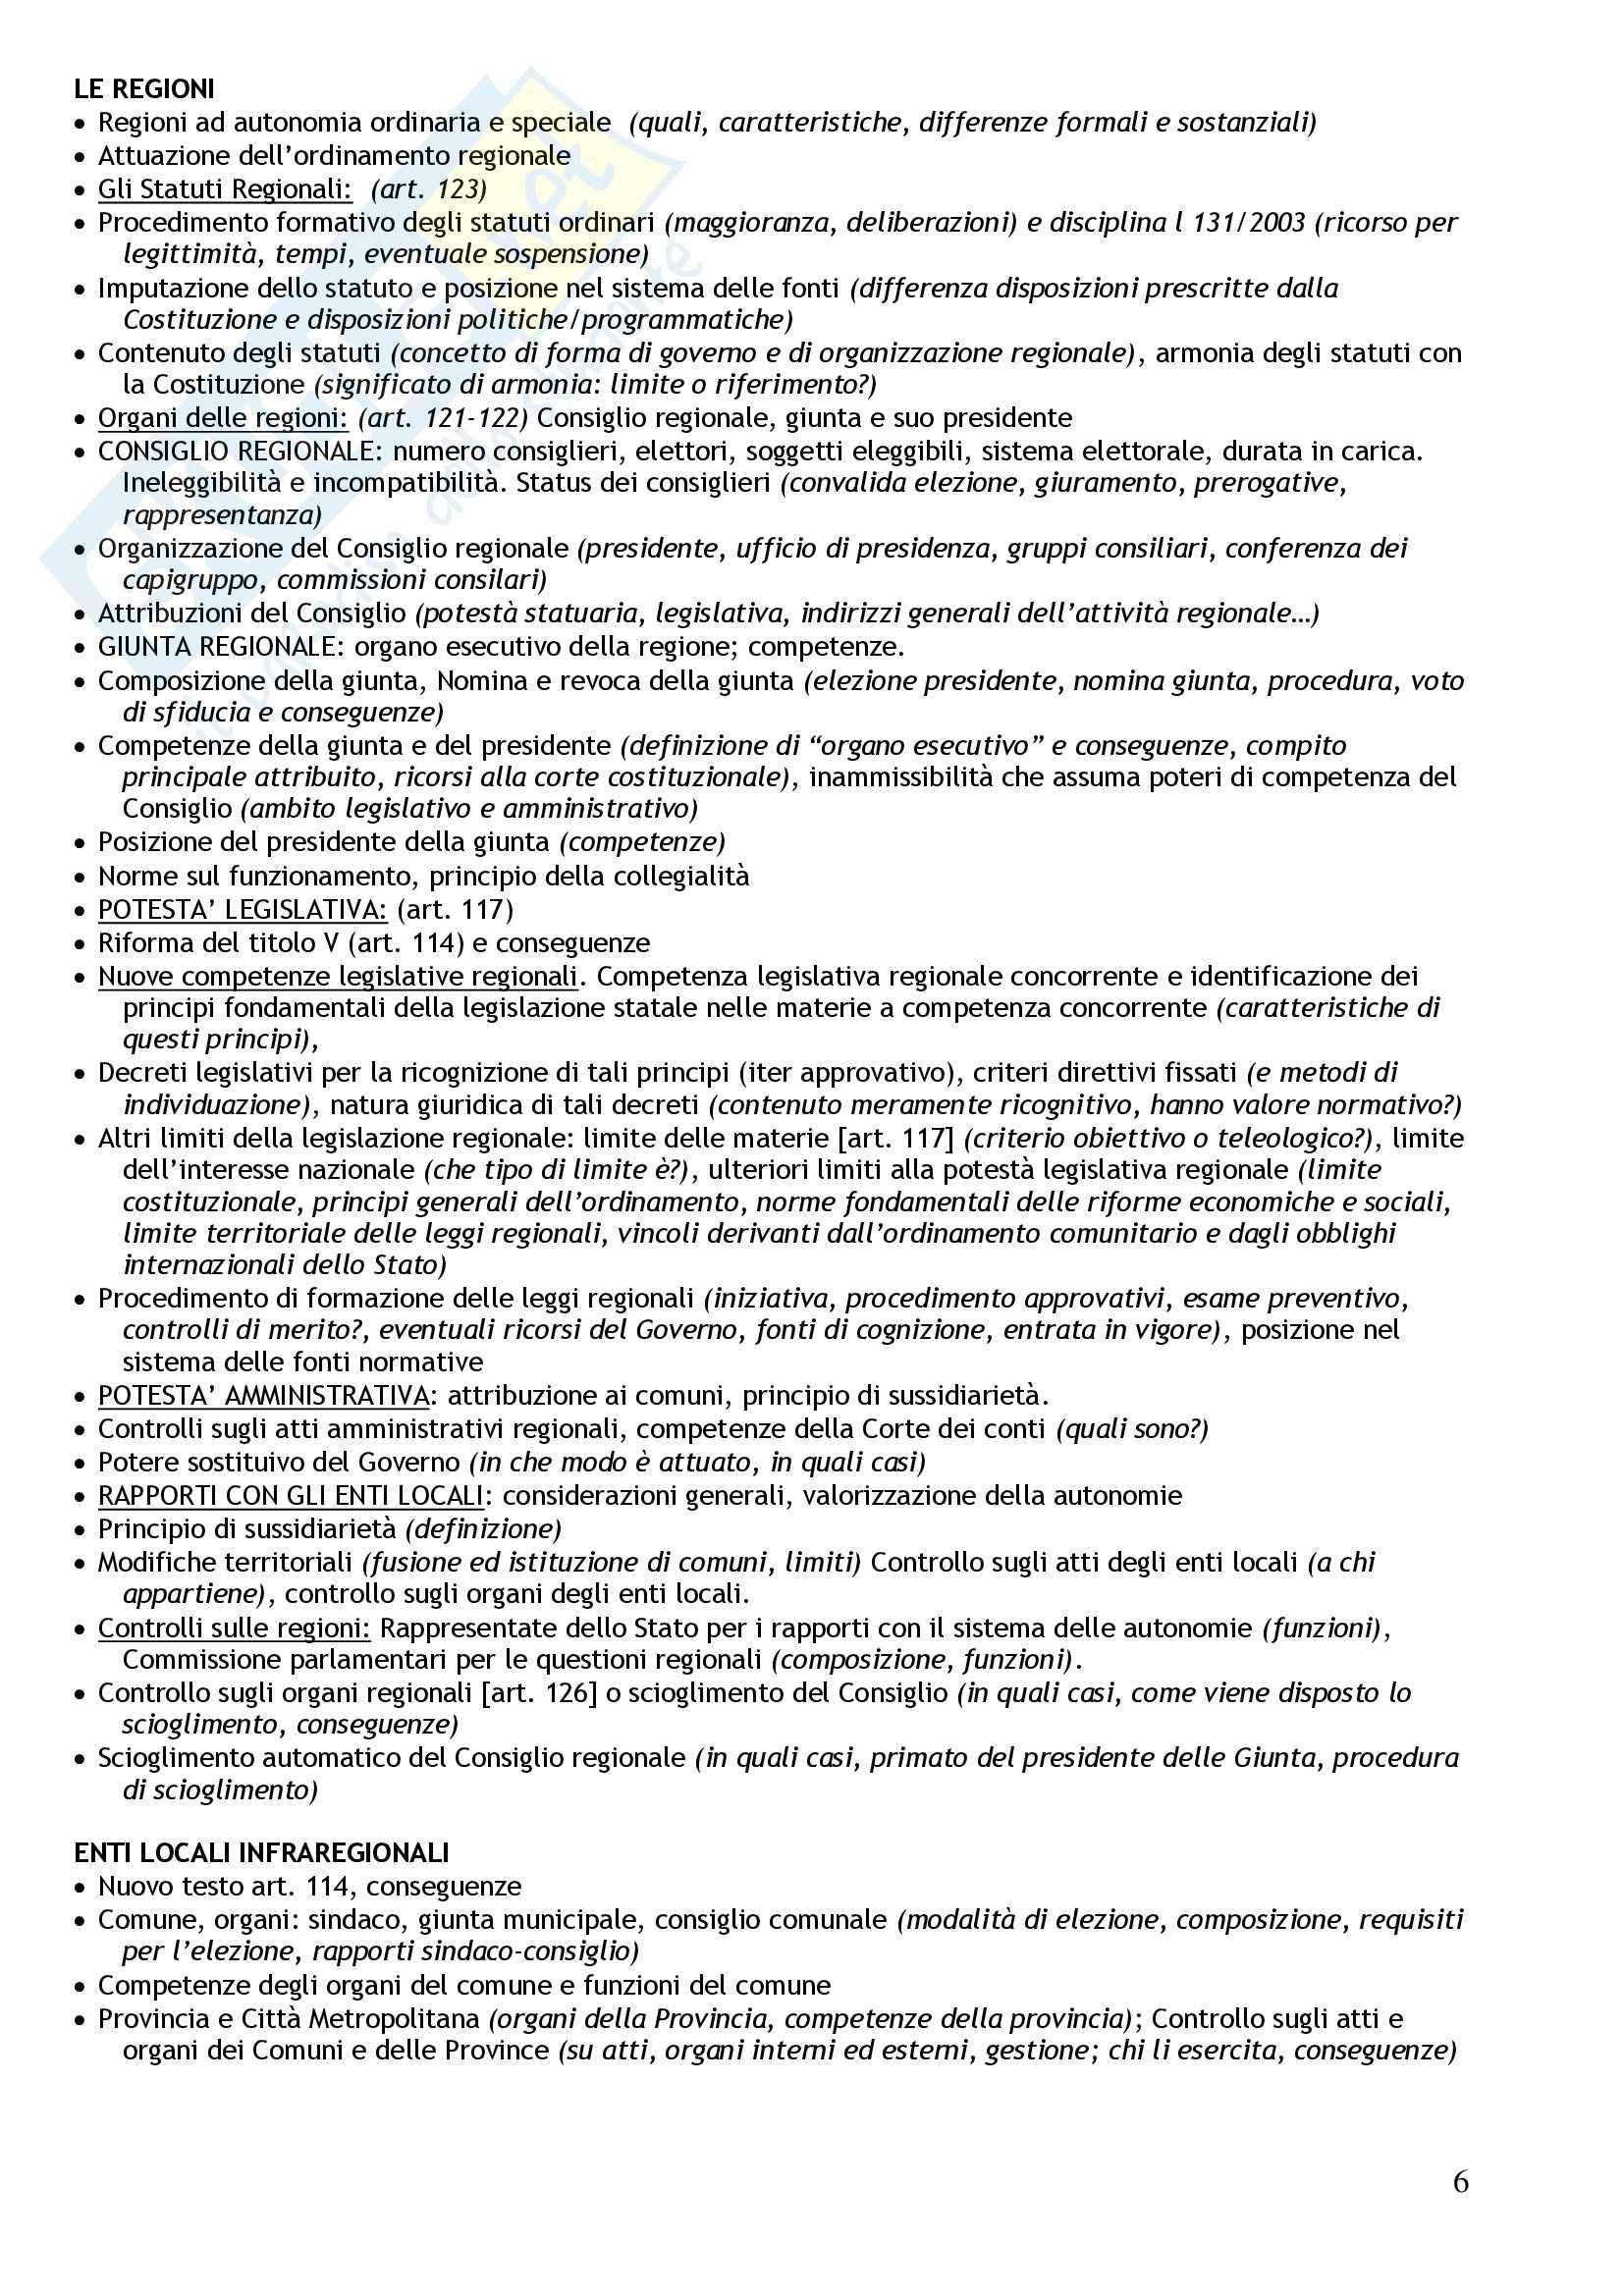 Diritto costituzionale - nozioni generali Pag. 6